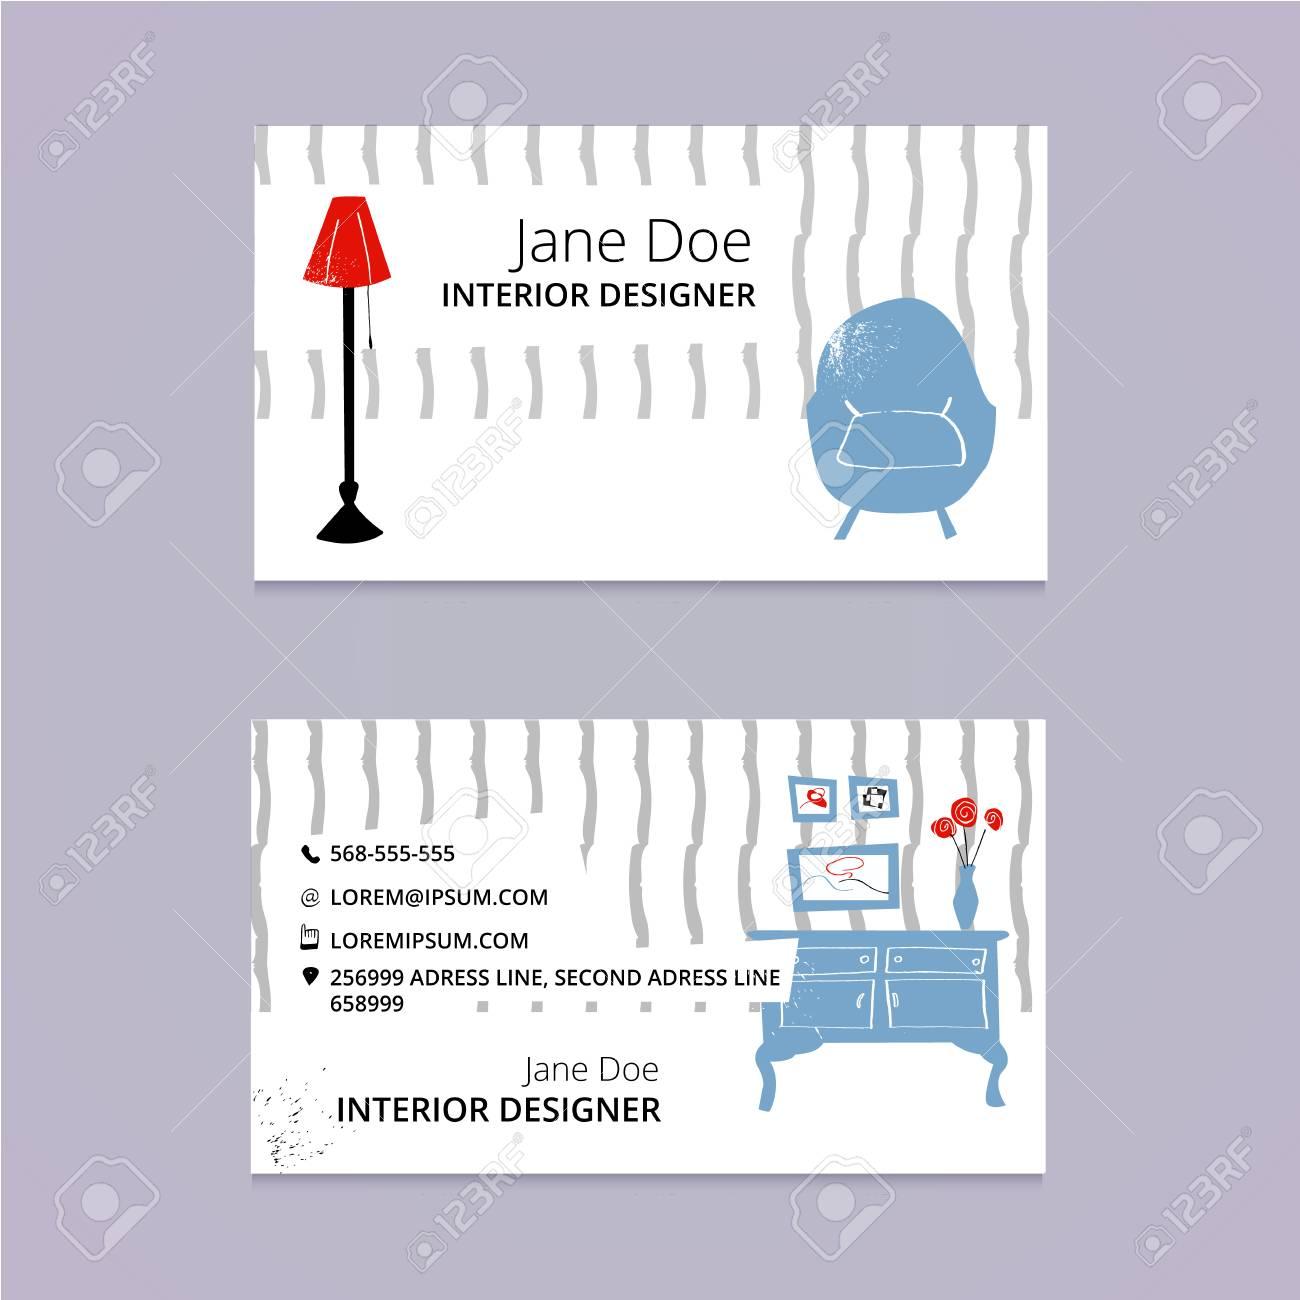 interior design business card template sketch ink illustration